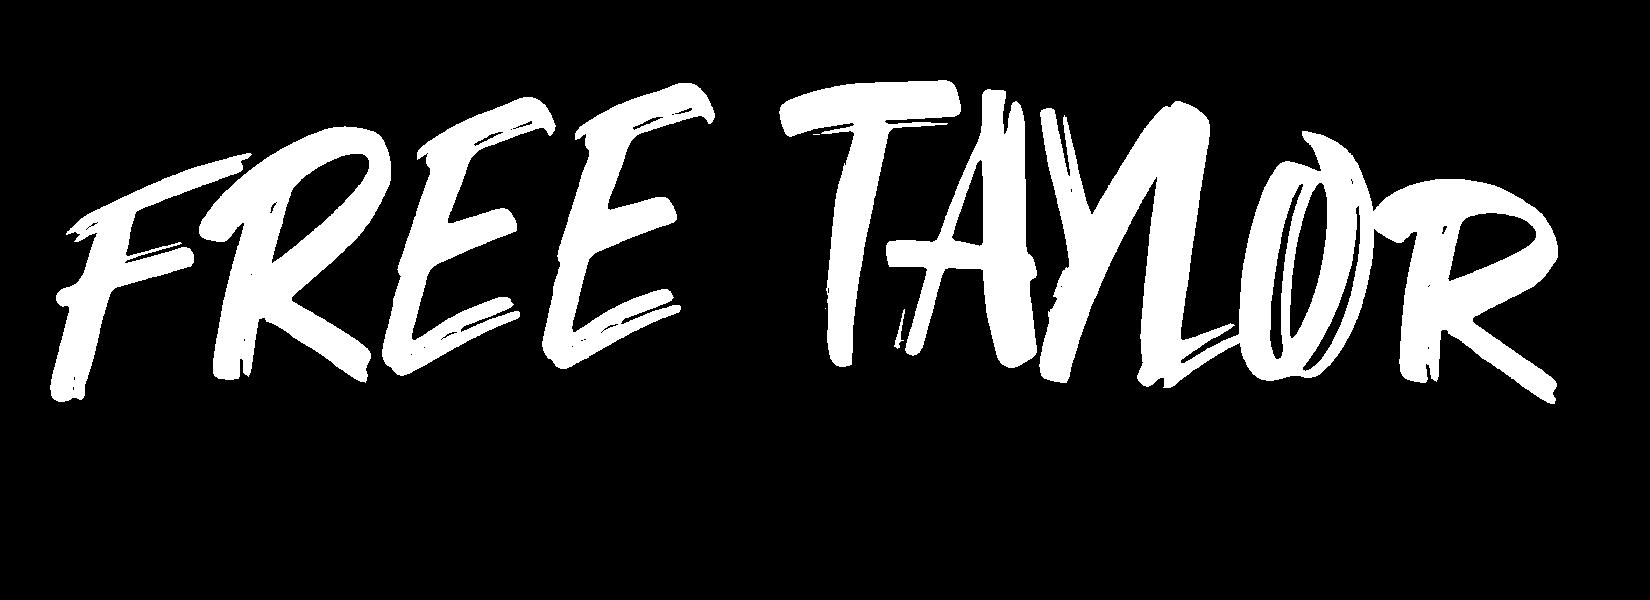 Free Taylor